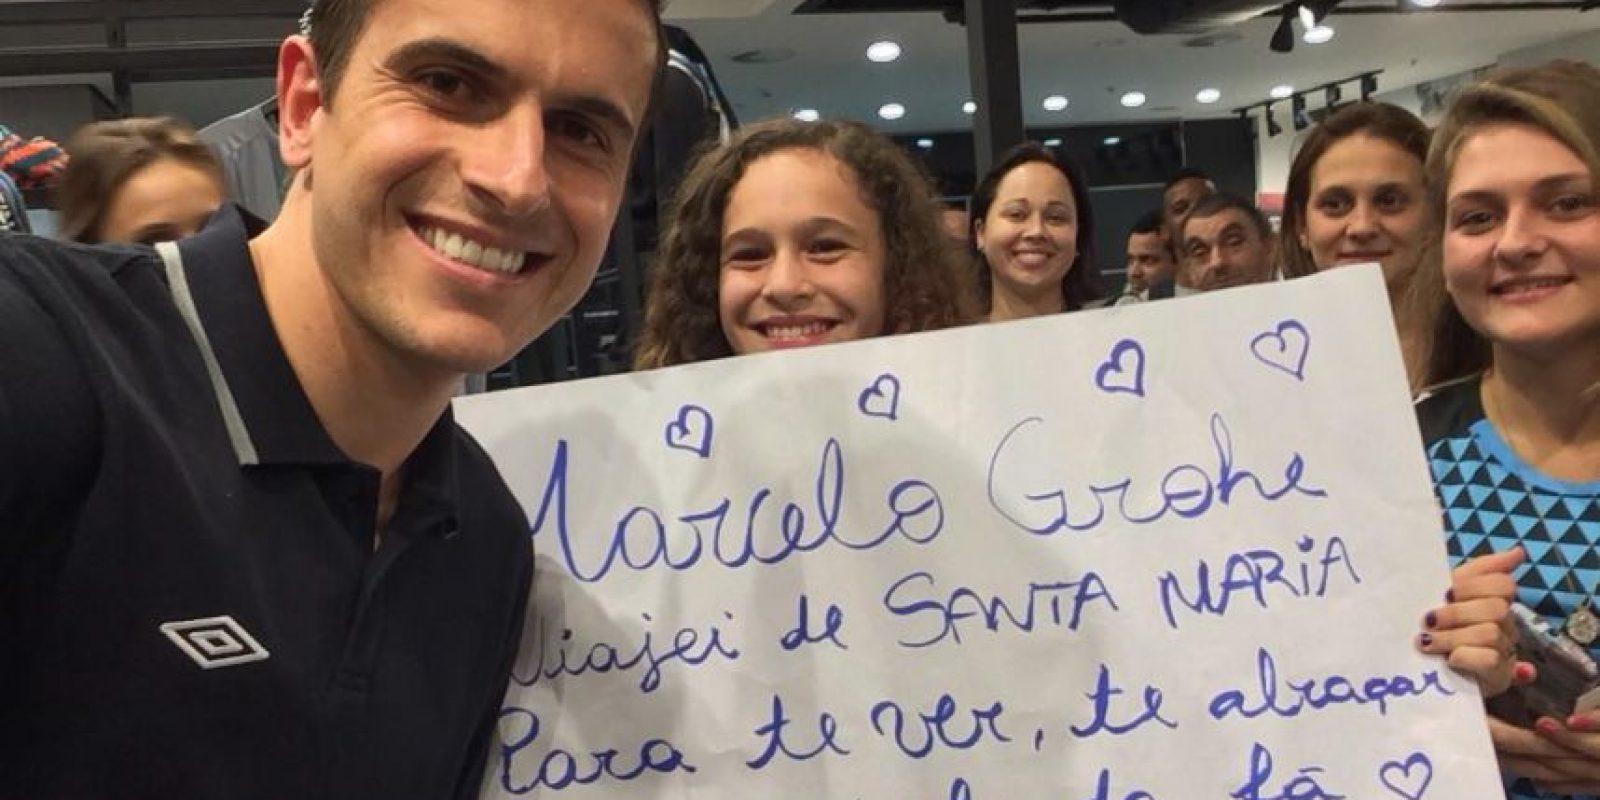 Su esposa es Paola Grohe, con quien se casó en 2012. Foto:Vía facebook.com/marcelogrohe1oficial